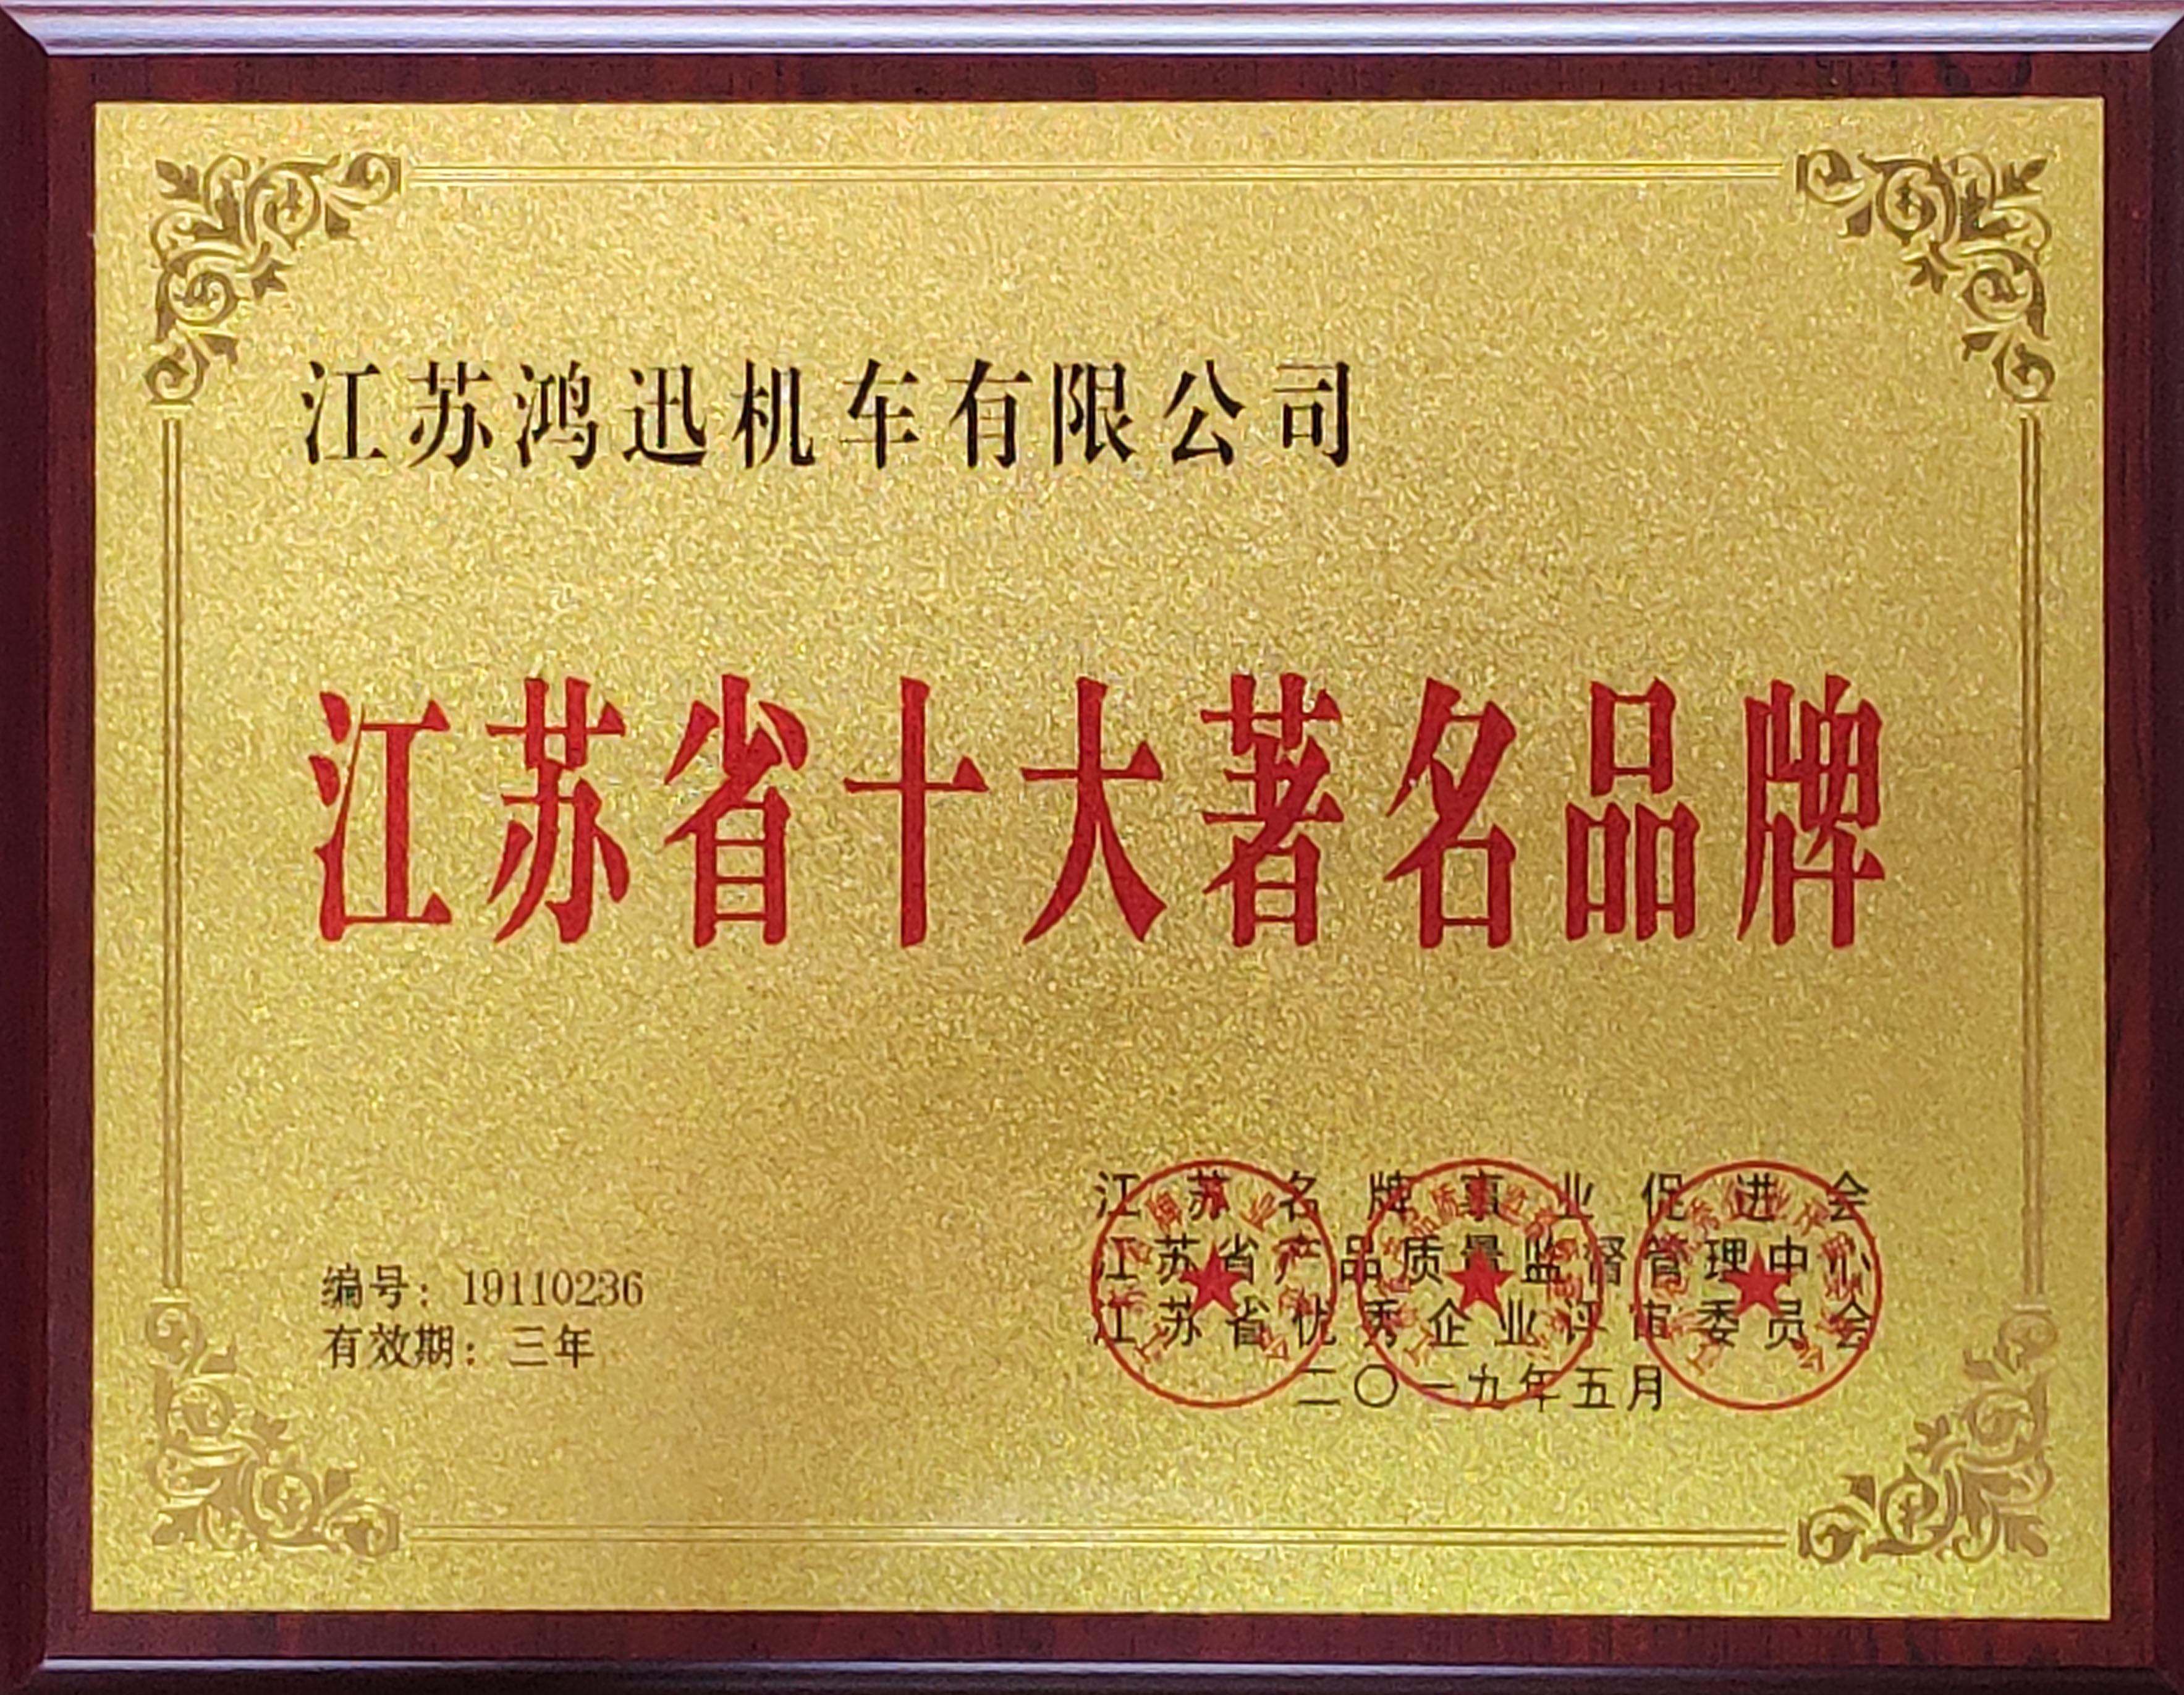 江苏省十大著名品牌